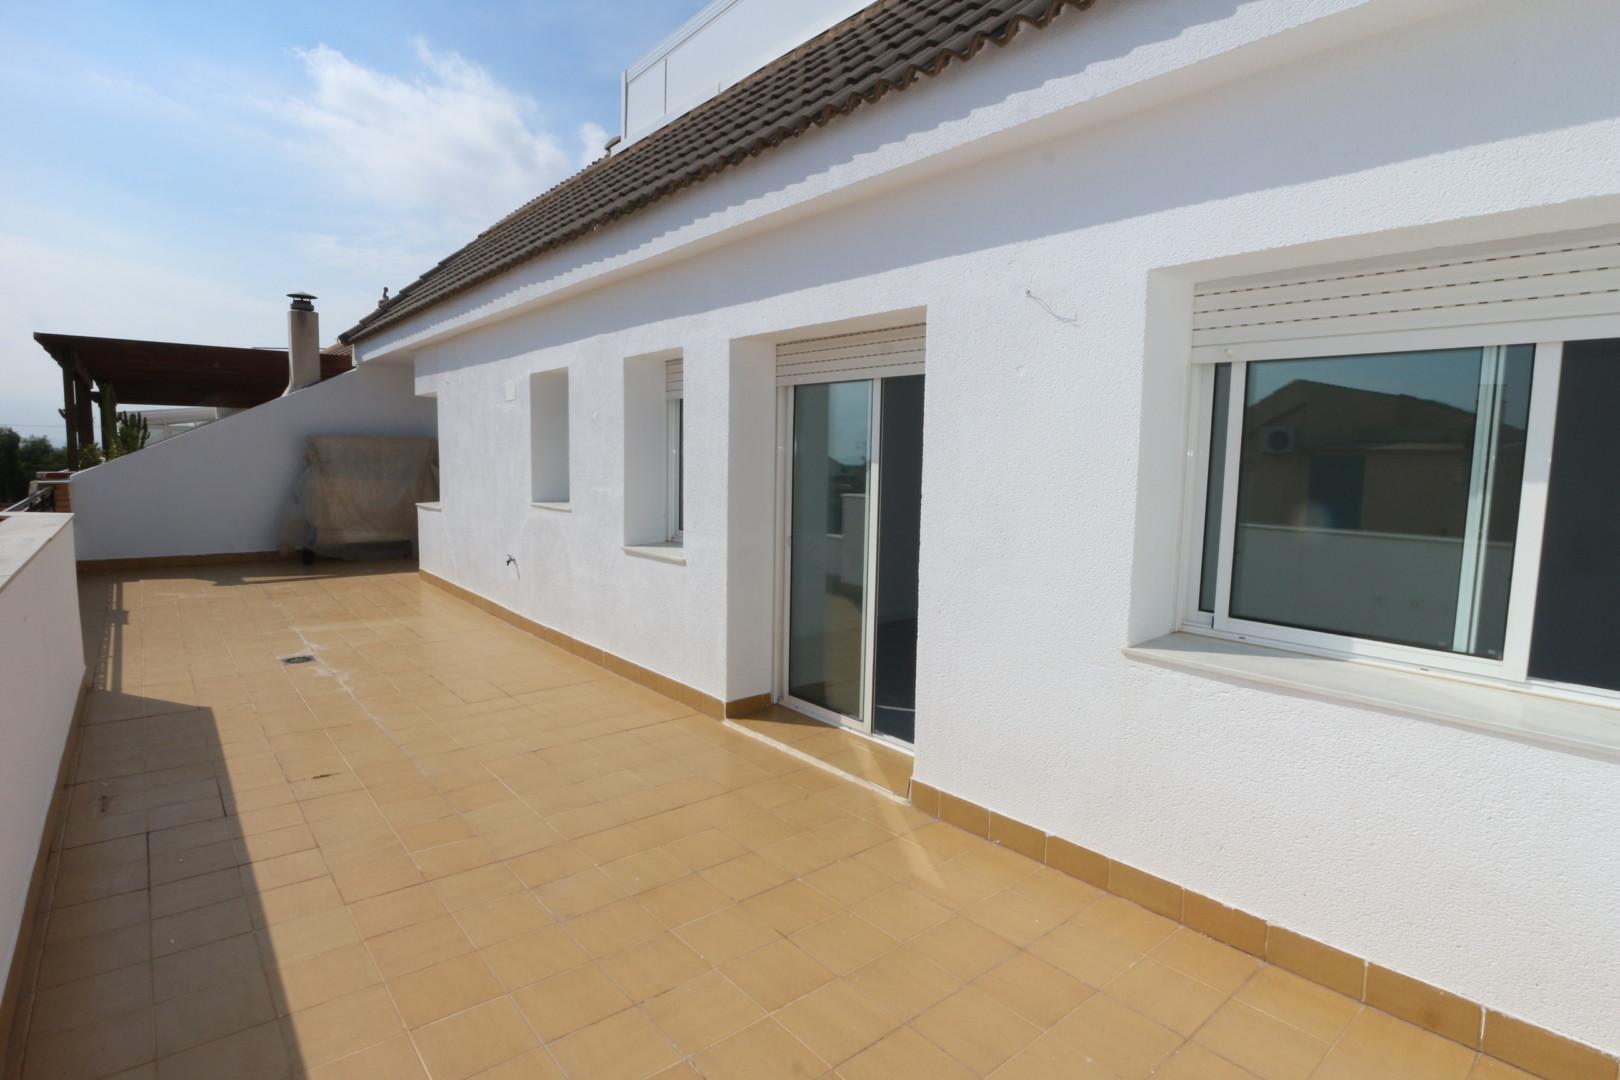 Exclusivo ático en el centro de San Javier, con terraza de 50 m2.